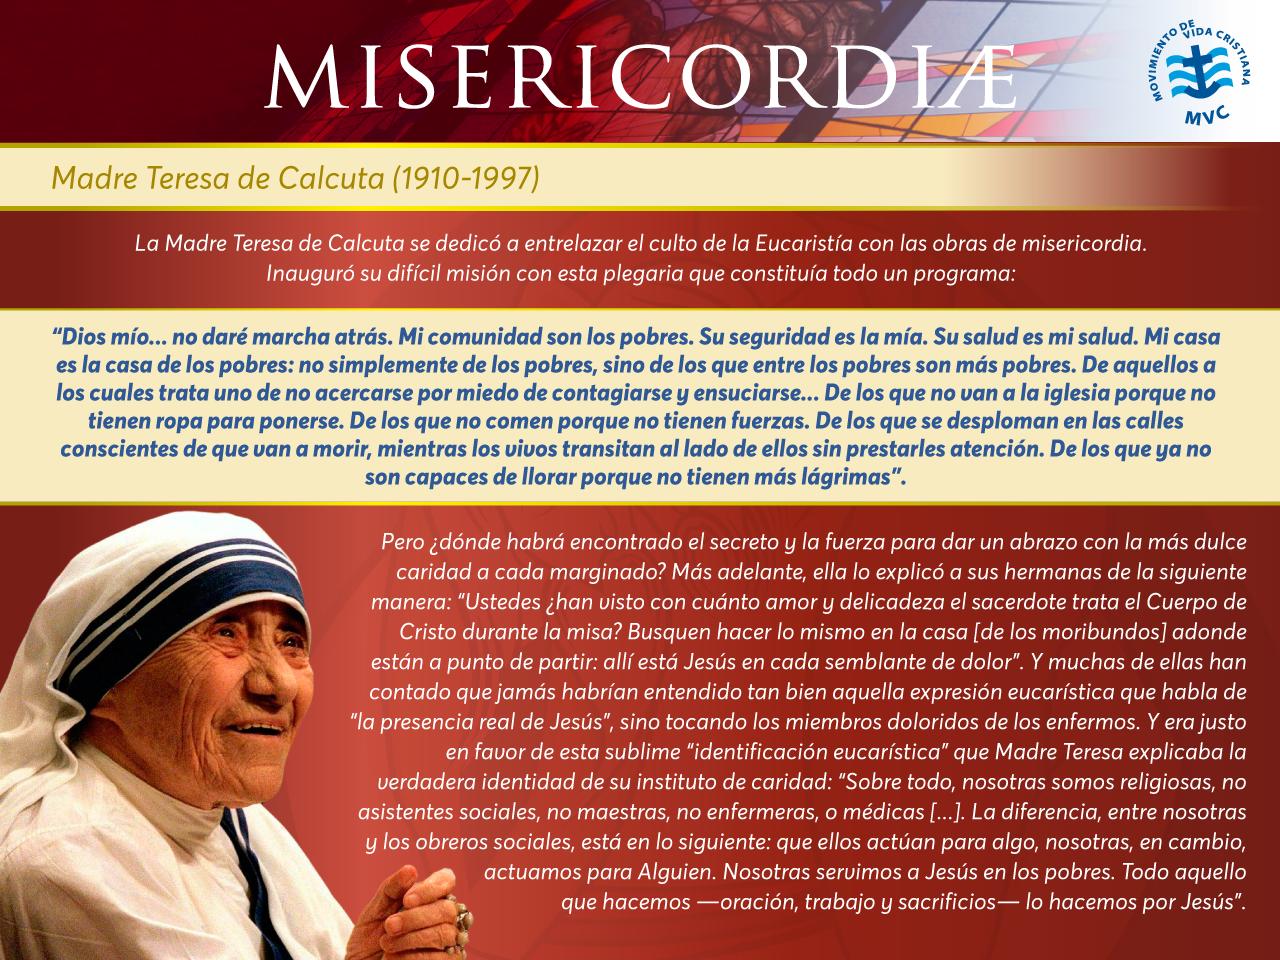 Misericordiae-6-08